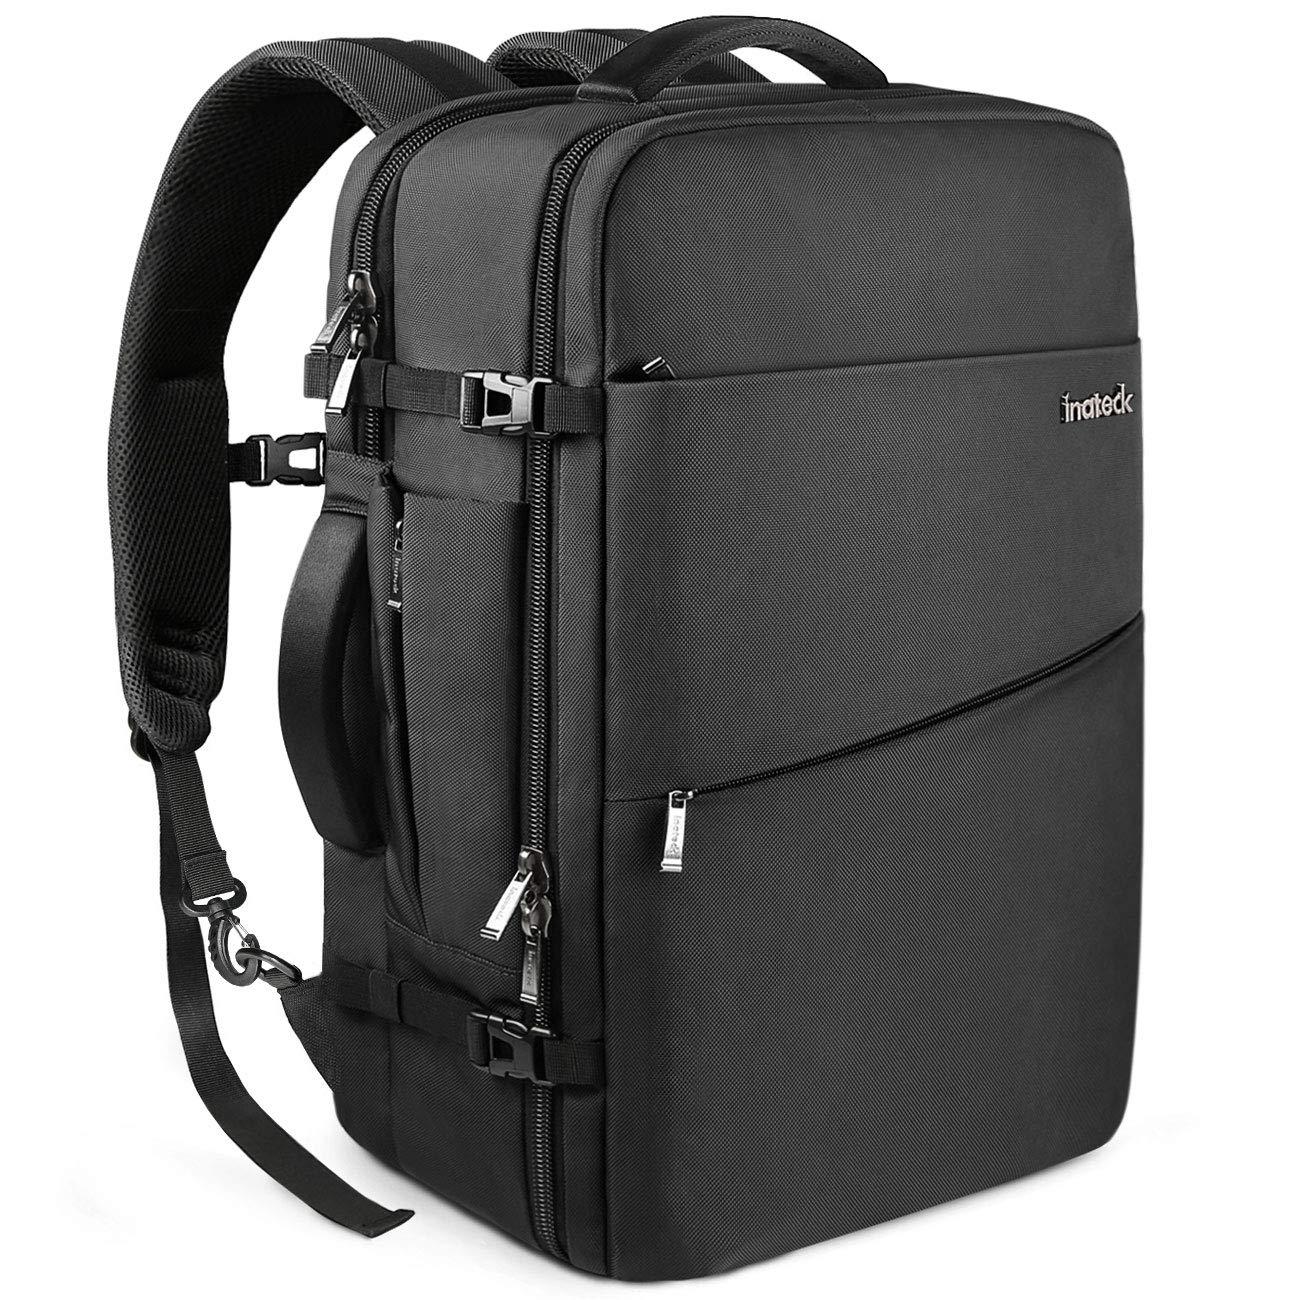 Inateck 30L Mochila de Viaje de Negocios de 15.6 Pulgadas para excursi/ón del Fin de Semana Negro Bolsa de Mano Carry on Backpack aprobada por Vuelo